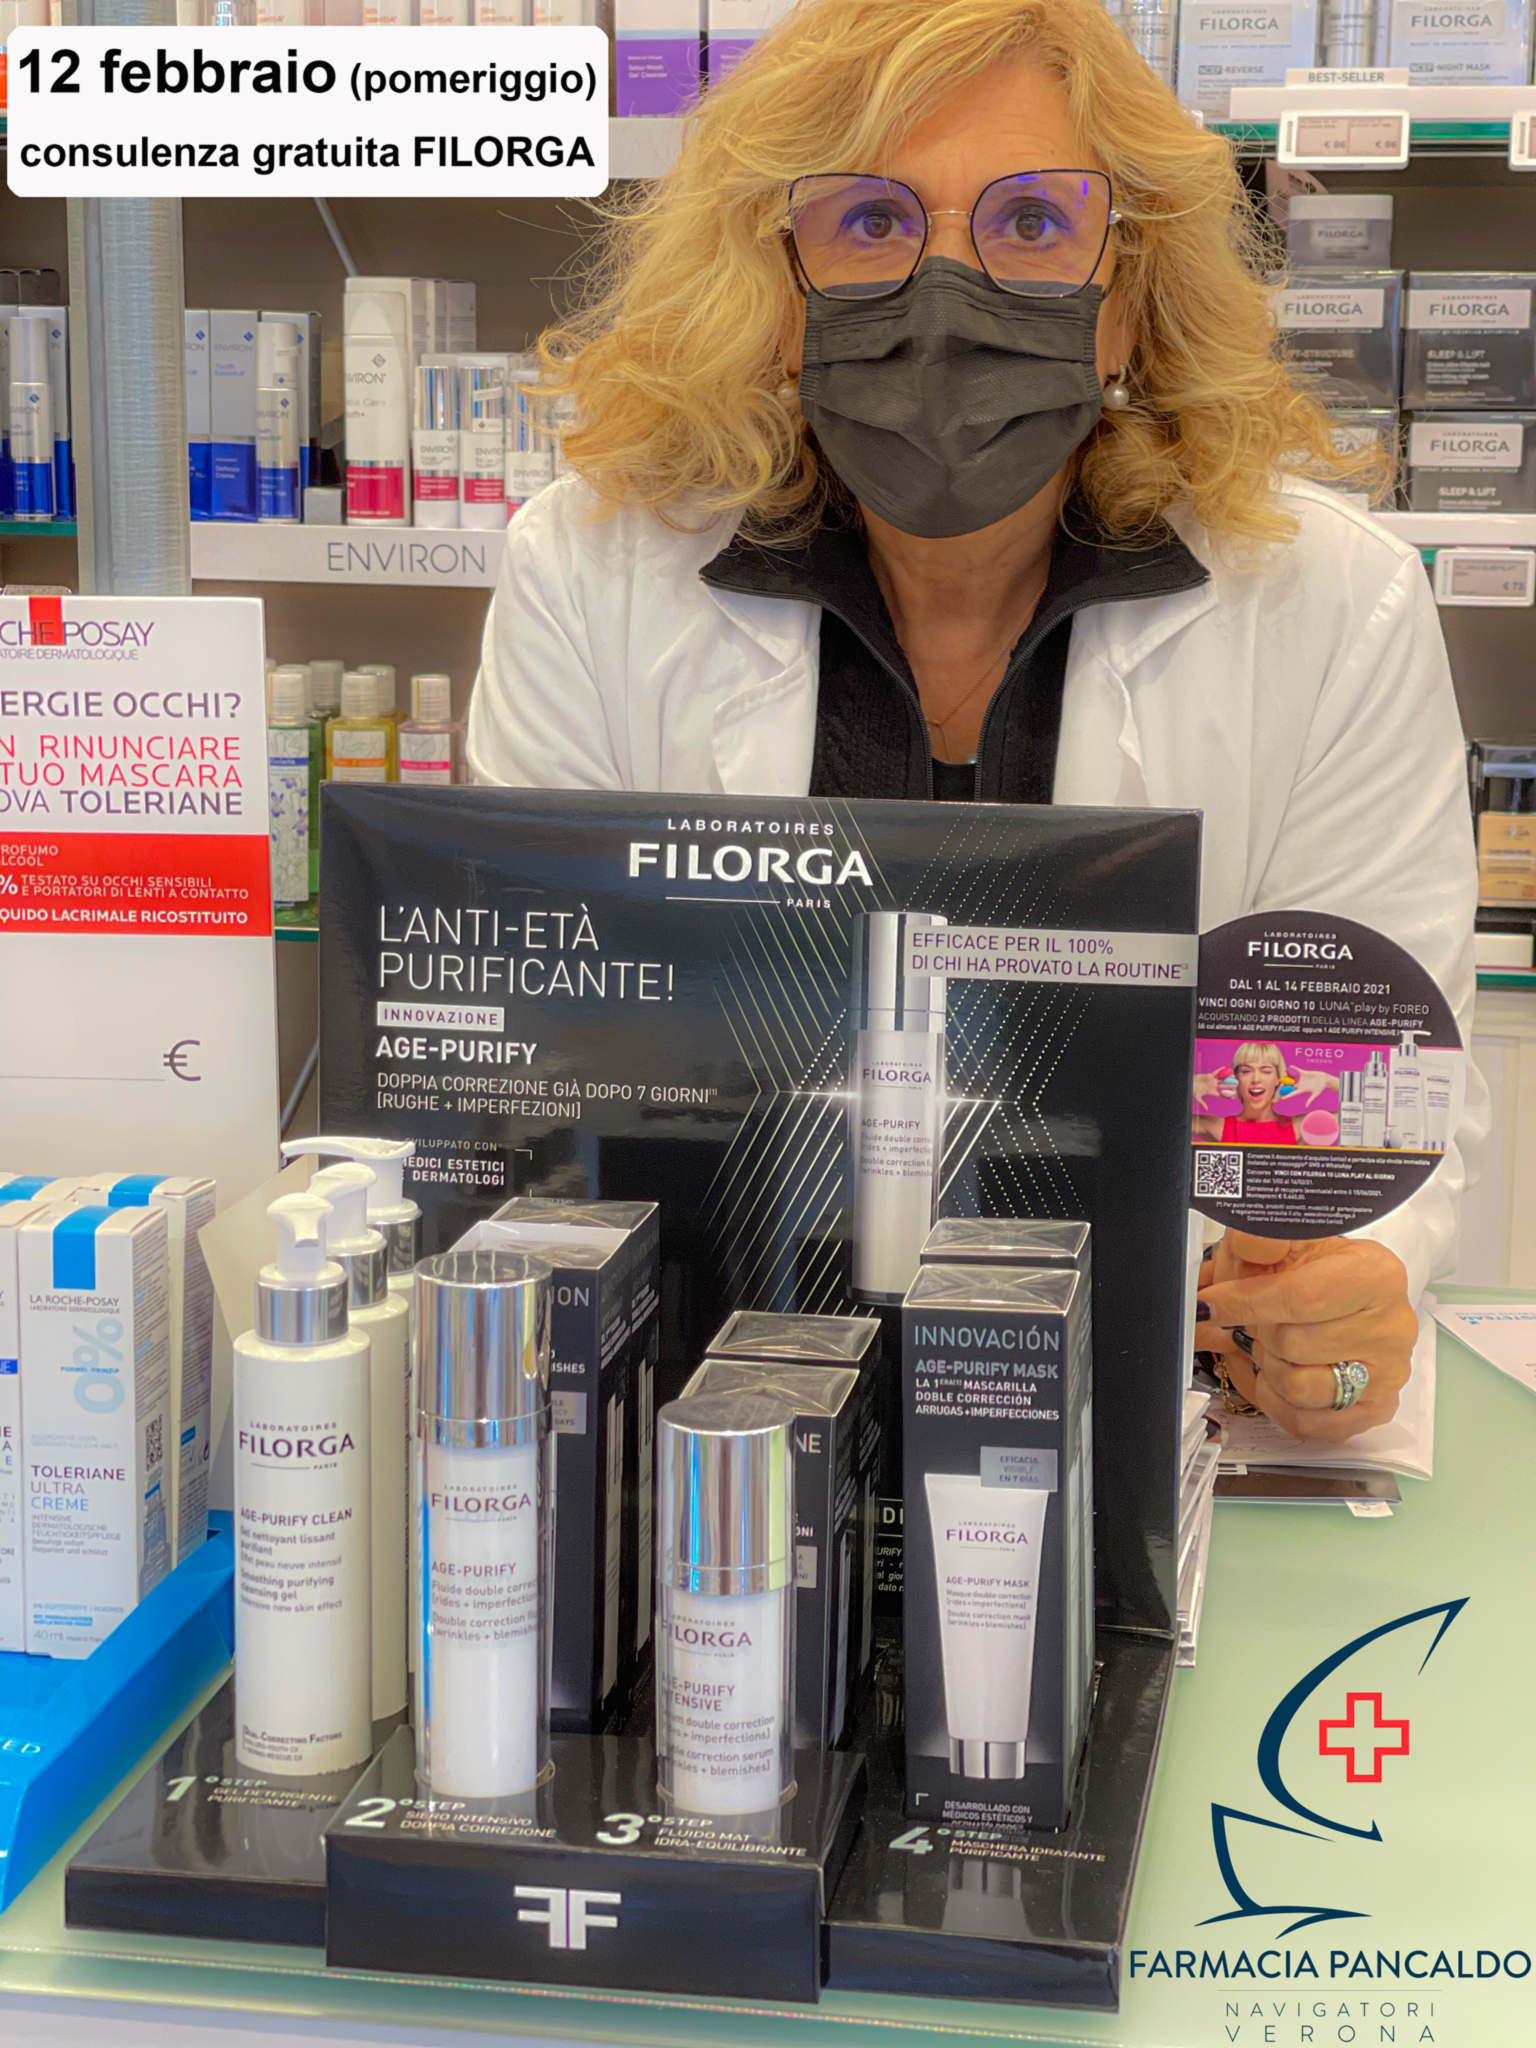 Venerdi 12 Febbraio per tutto il pomeriggio Farmacia Pancaldo ti offre una consulenza personalizzata FILORGA.